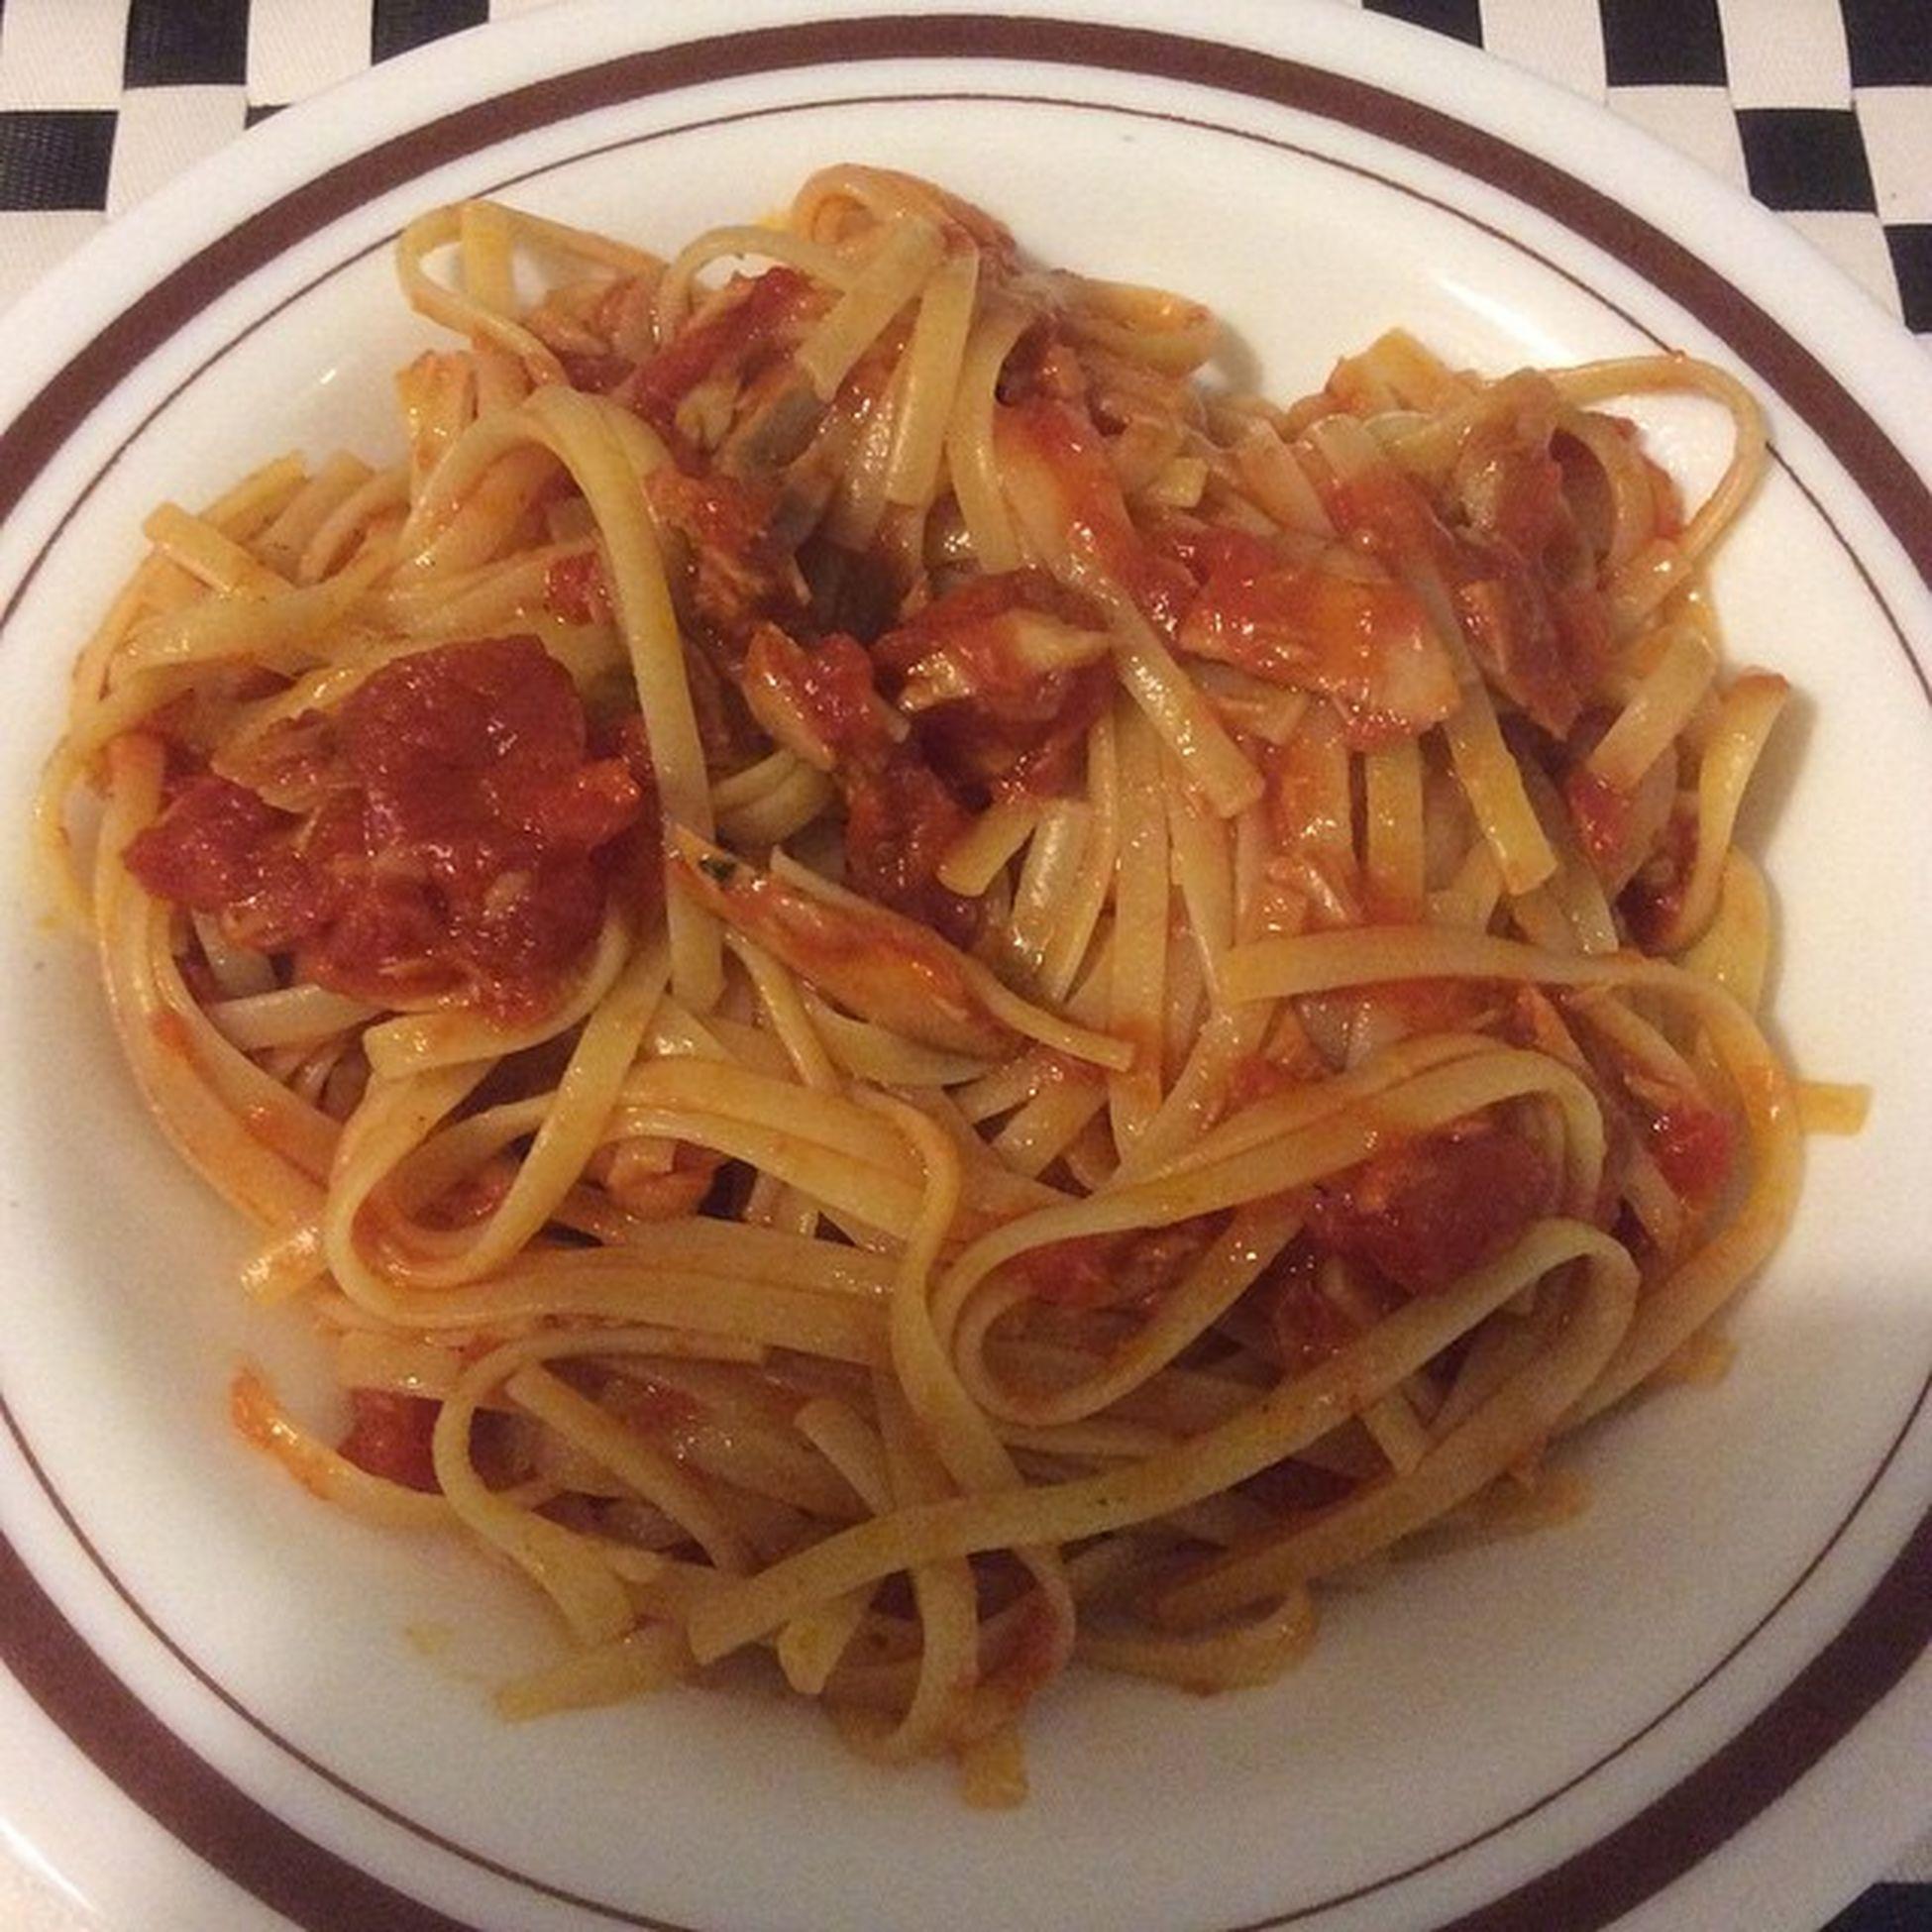 😍🍝🎉🐟Pastaaltonno Pasta Pastaaltonnoepomodoro Amici photooftheday instagood foodporn cucinaitaliana 100happydays 👍 wow wonderful tonno instafood food tuna picoftheday italianfood foodpics eat lovescucchiaio